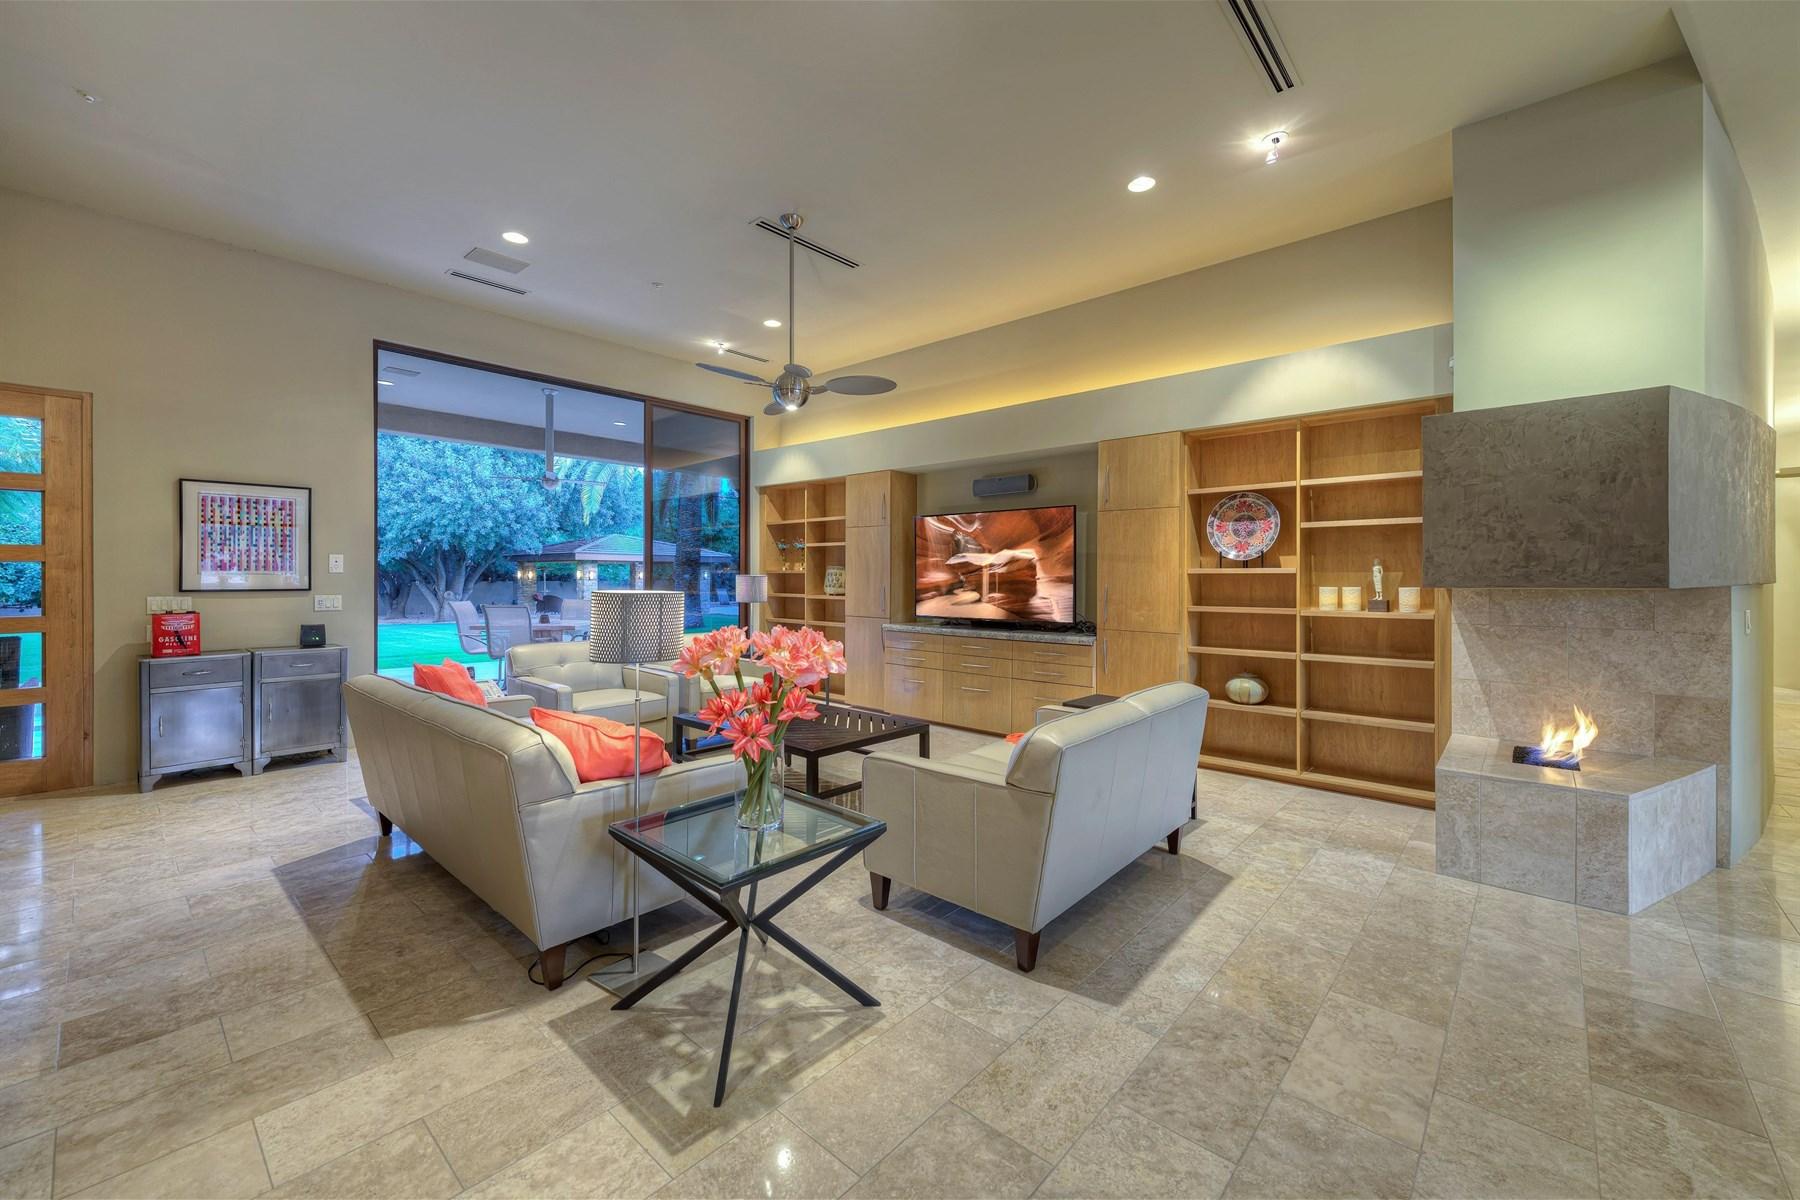 一戸建て のために 売買 アット Custom home with stunning views in Equestrian Estates 5716 E Caballo Dr, Paradise Valley, アリゾナ, 85253 アメリカ合衆国